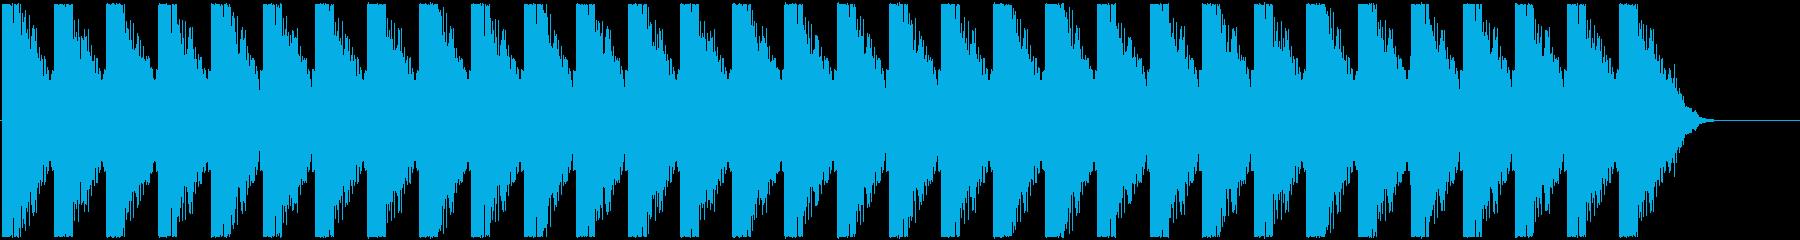 緊迫した状況の演出、警告音の再生済みの波形